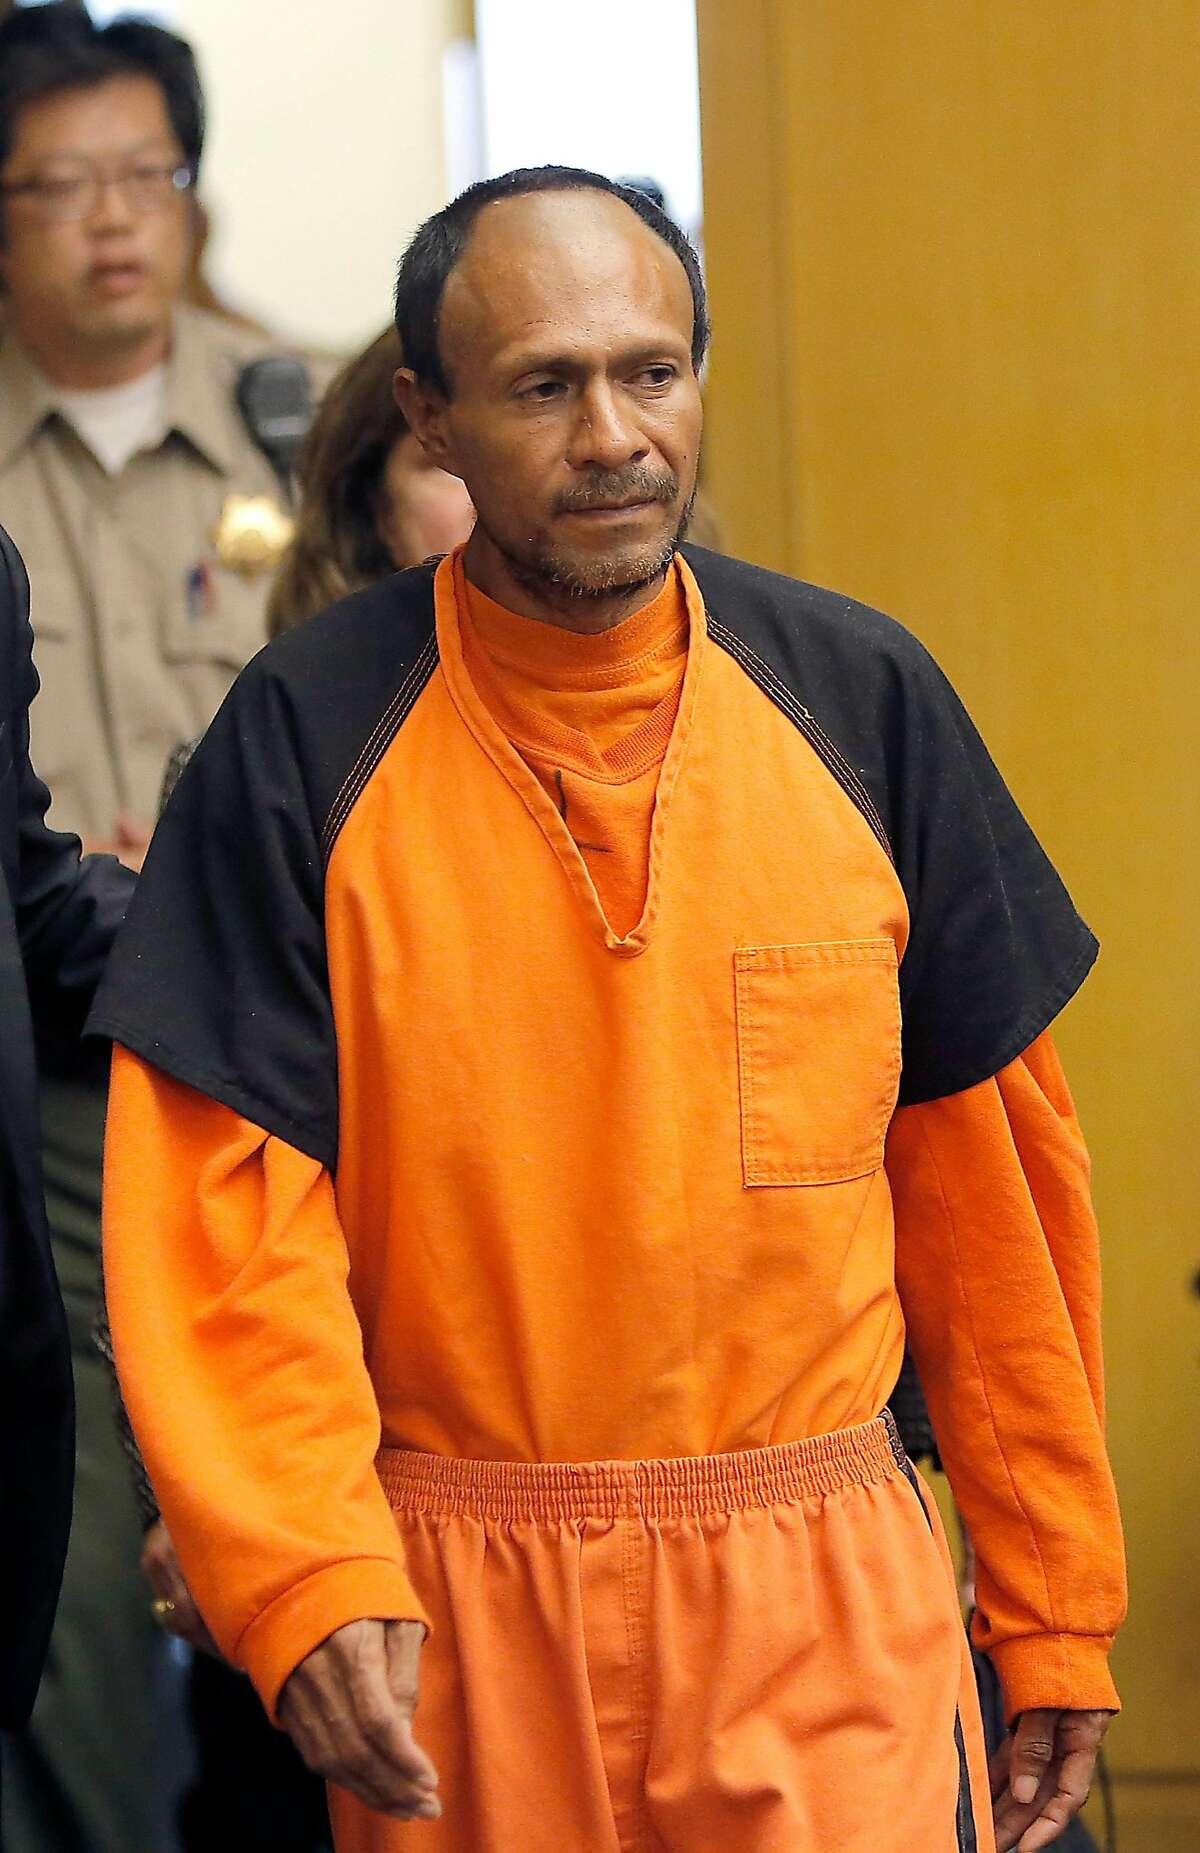 Lopez Sanchez at his arraignment in Kate Steinle's death.